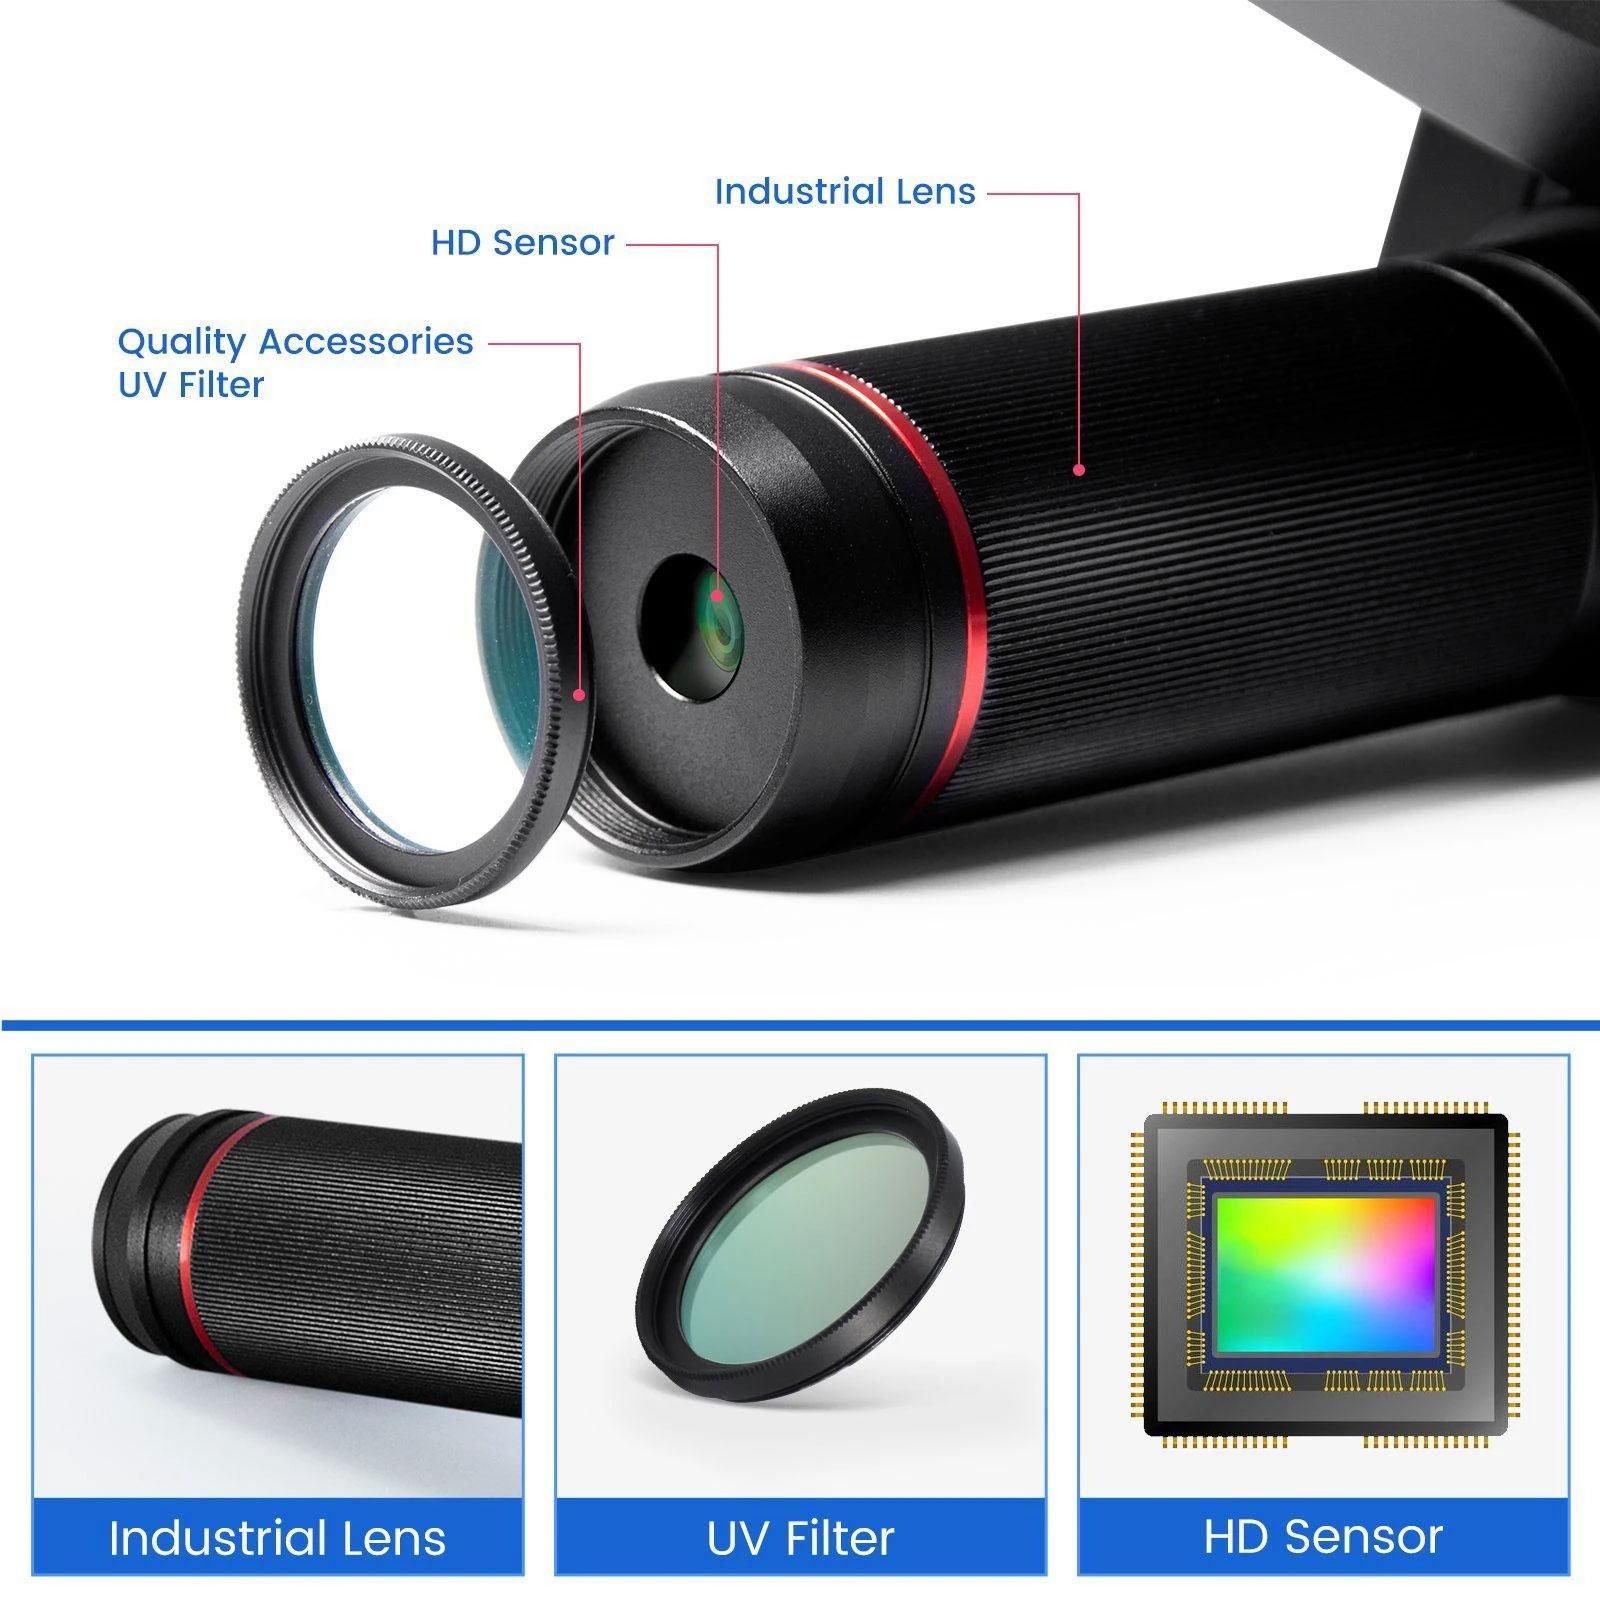 Mikroskop cyfrowy AD409 Andonstar LCD HDMI USB WiFi